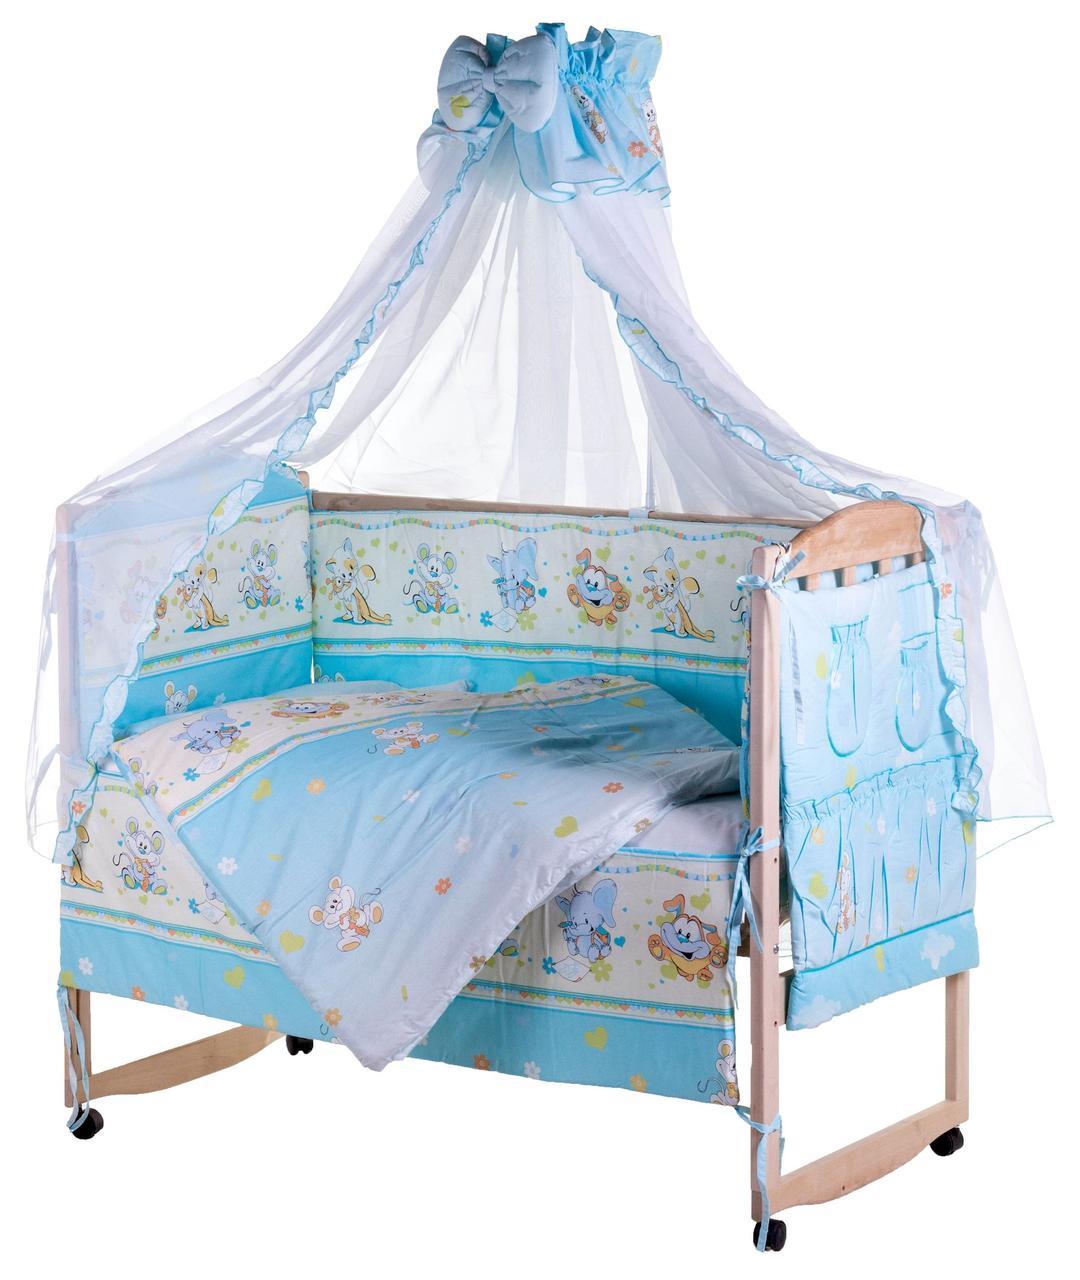 Постель Qvatro Lux (8 Элем.) голубая (мышки с сыром, слон, кот, собачки)